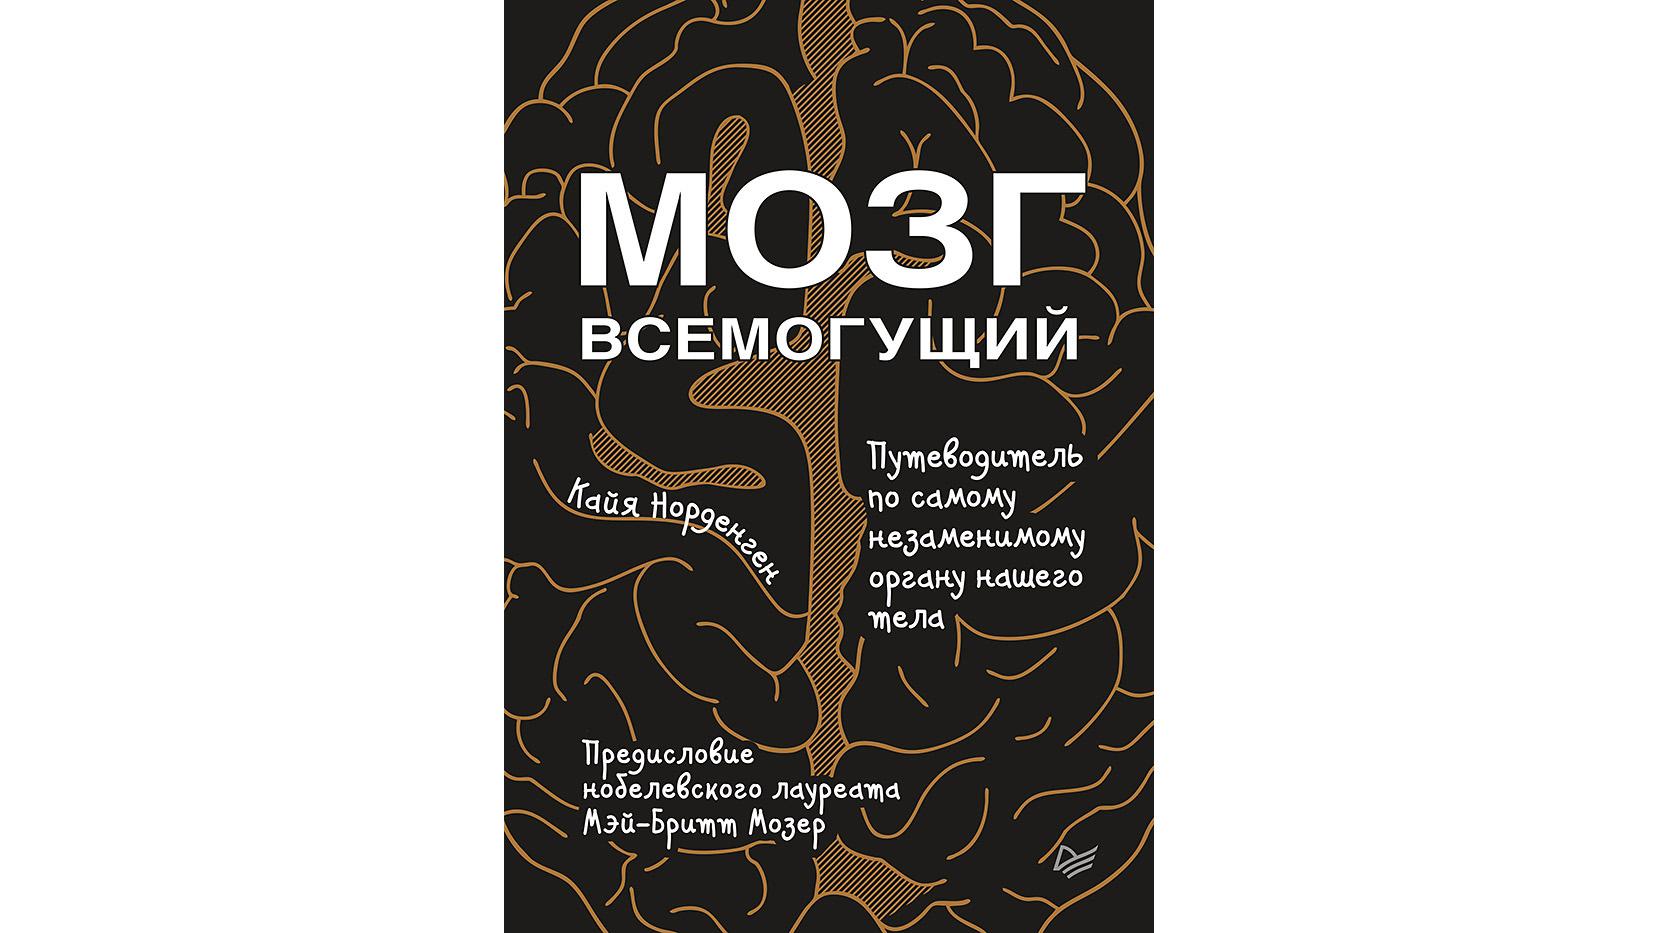 Обложка книги «Мозг всемогущий. Путеводитель по самому незаменимому органу нашего тела».